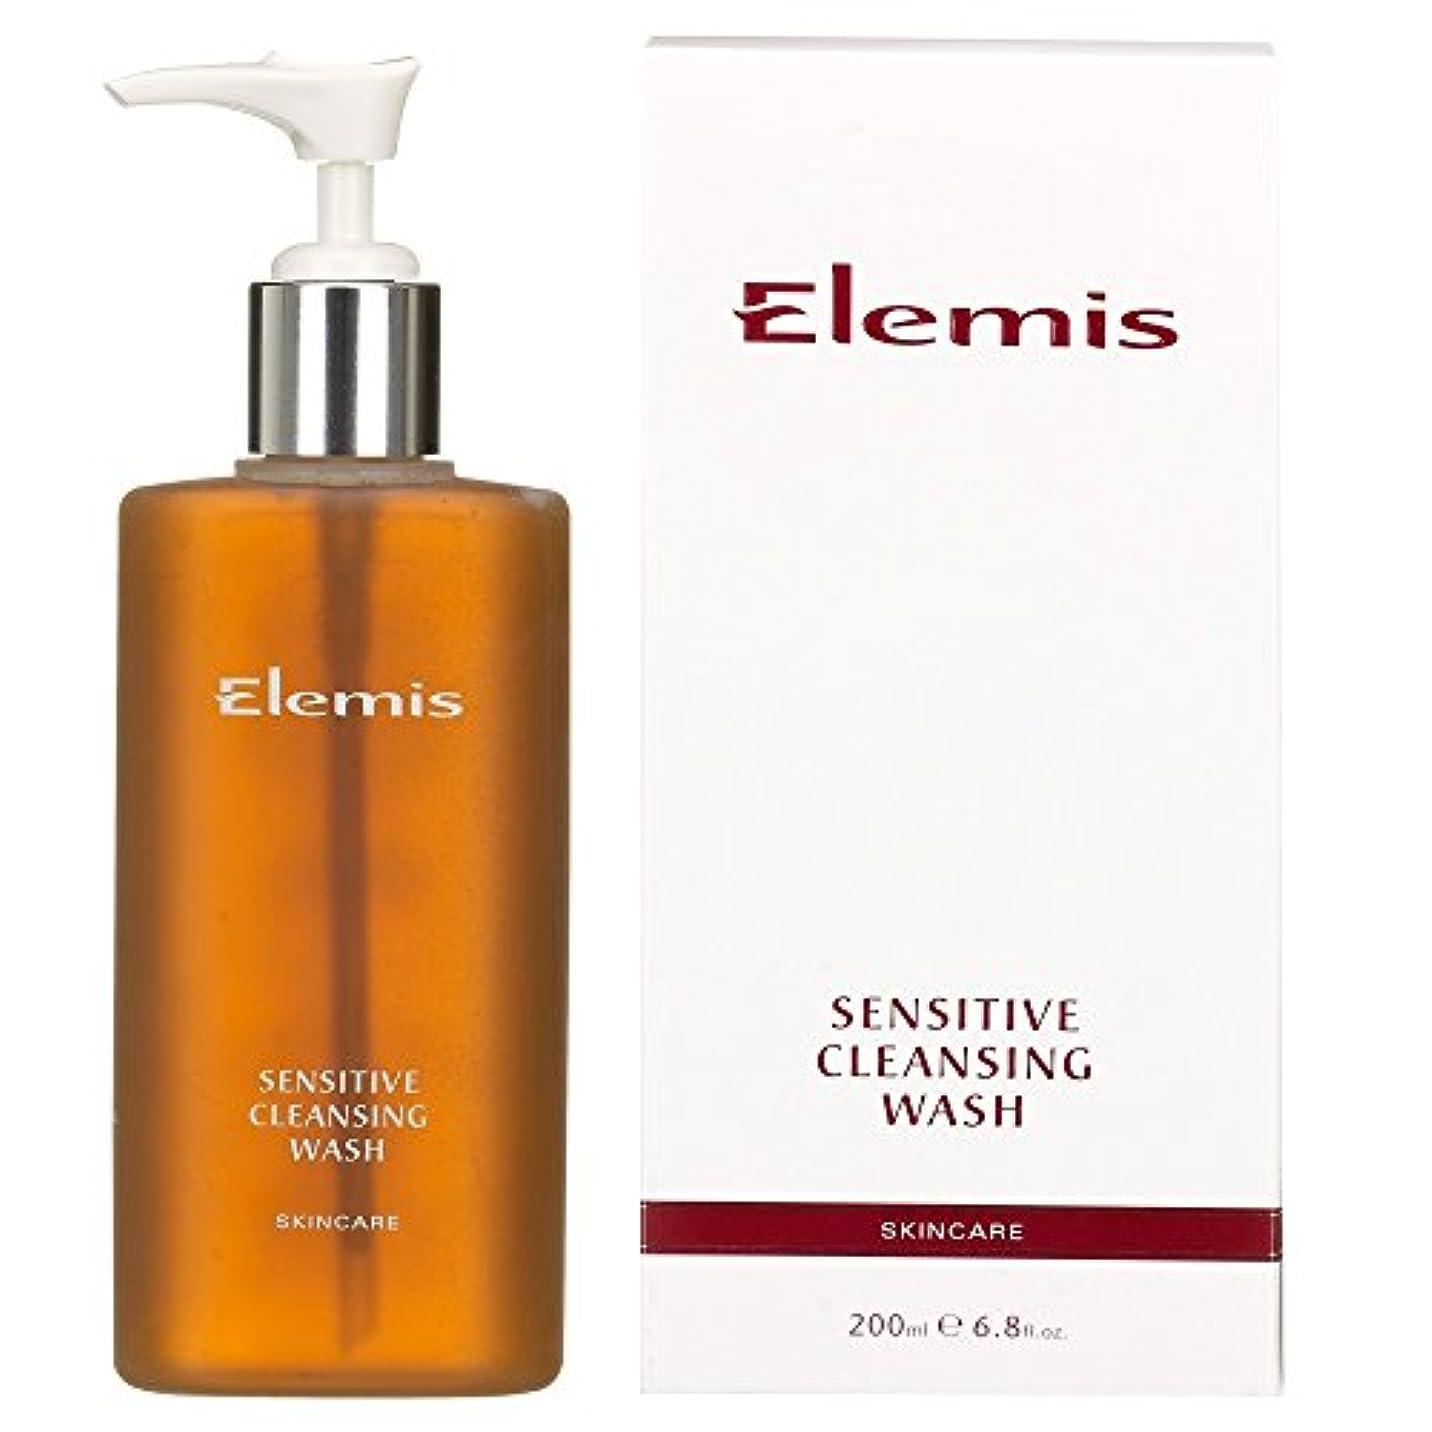 レコーダー津波炎上エレミスは敏感クレンジングウォッシュをスキンケア (Elemis) (x2) - Elemis Skincare Sensitive Cleansing Wash (Pack of 2) [並行輸入品]